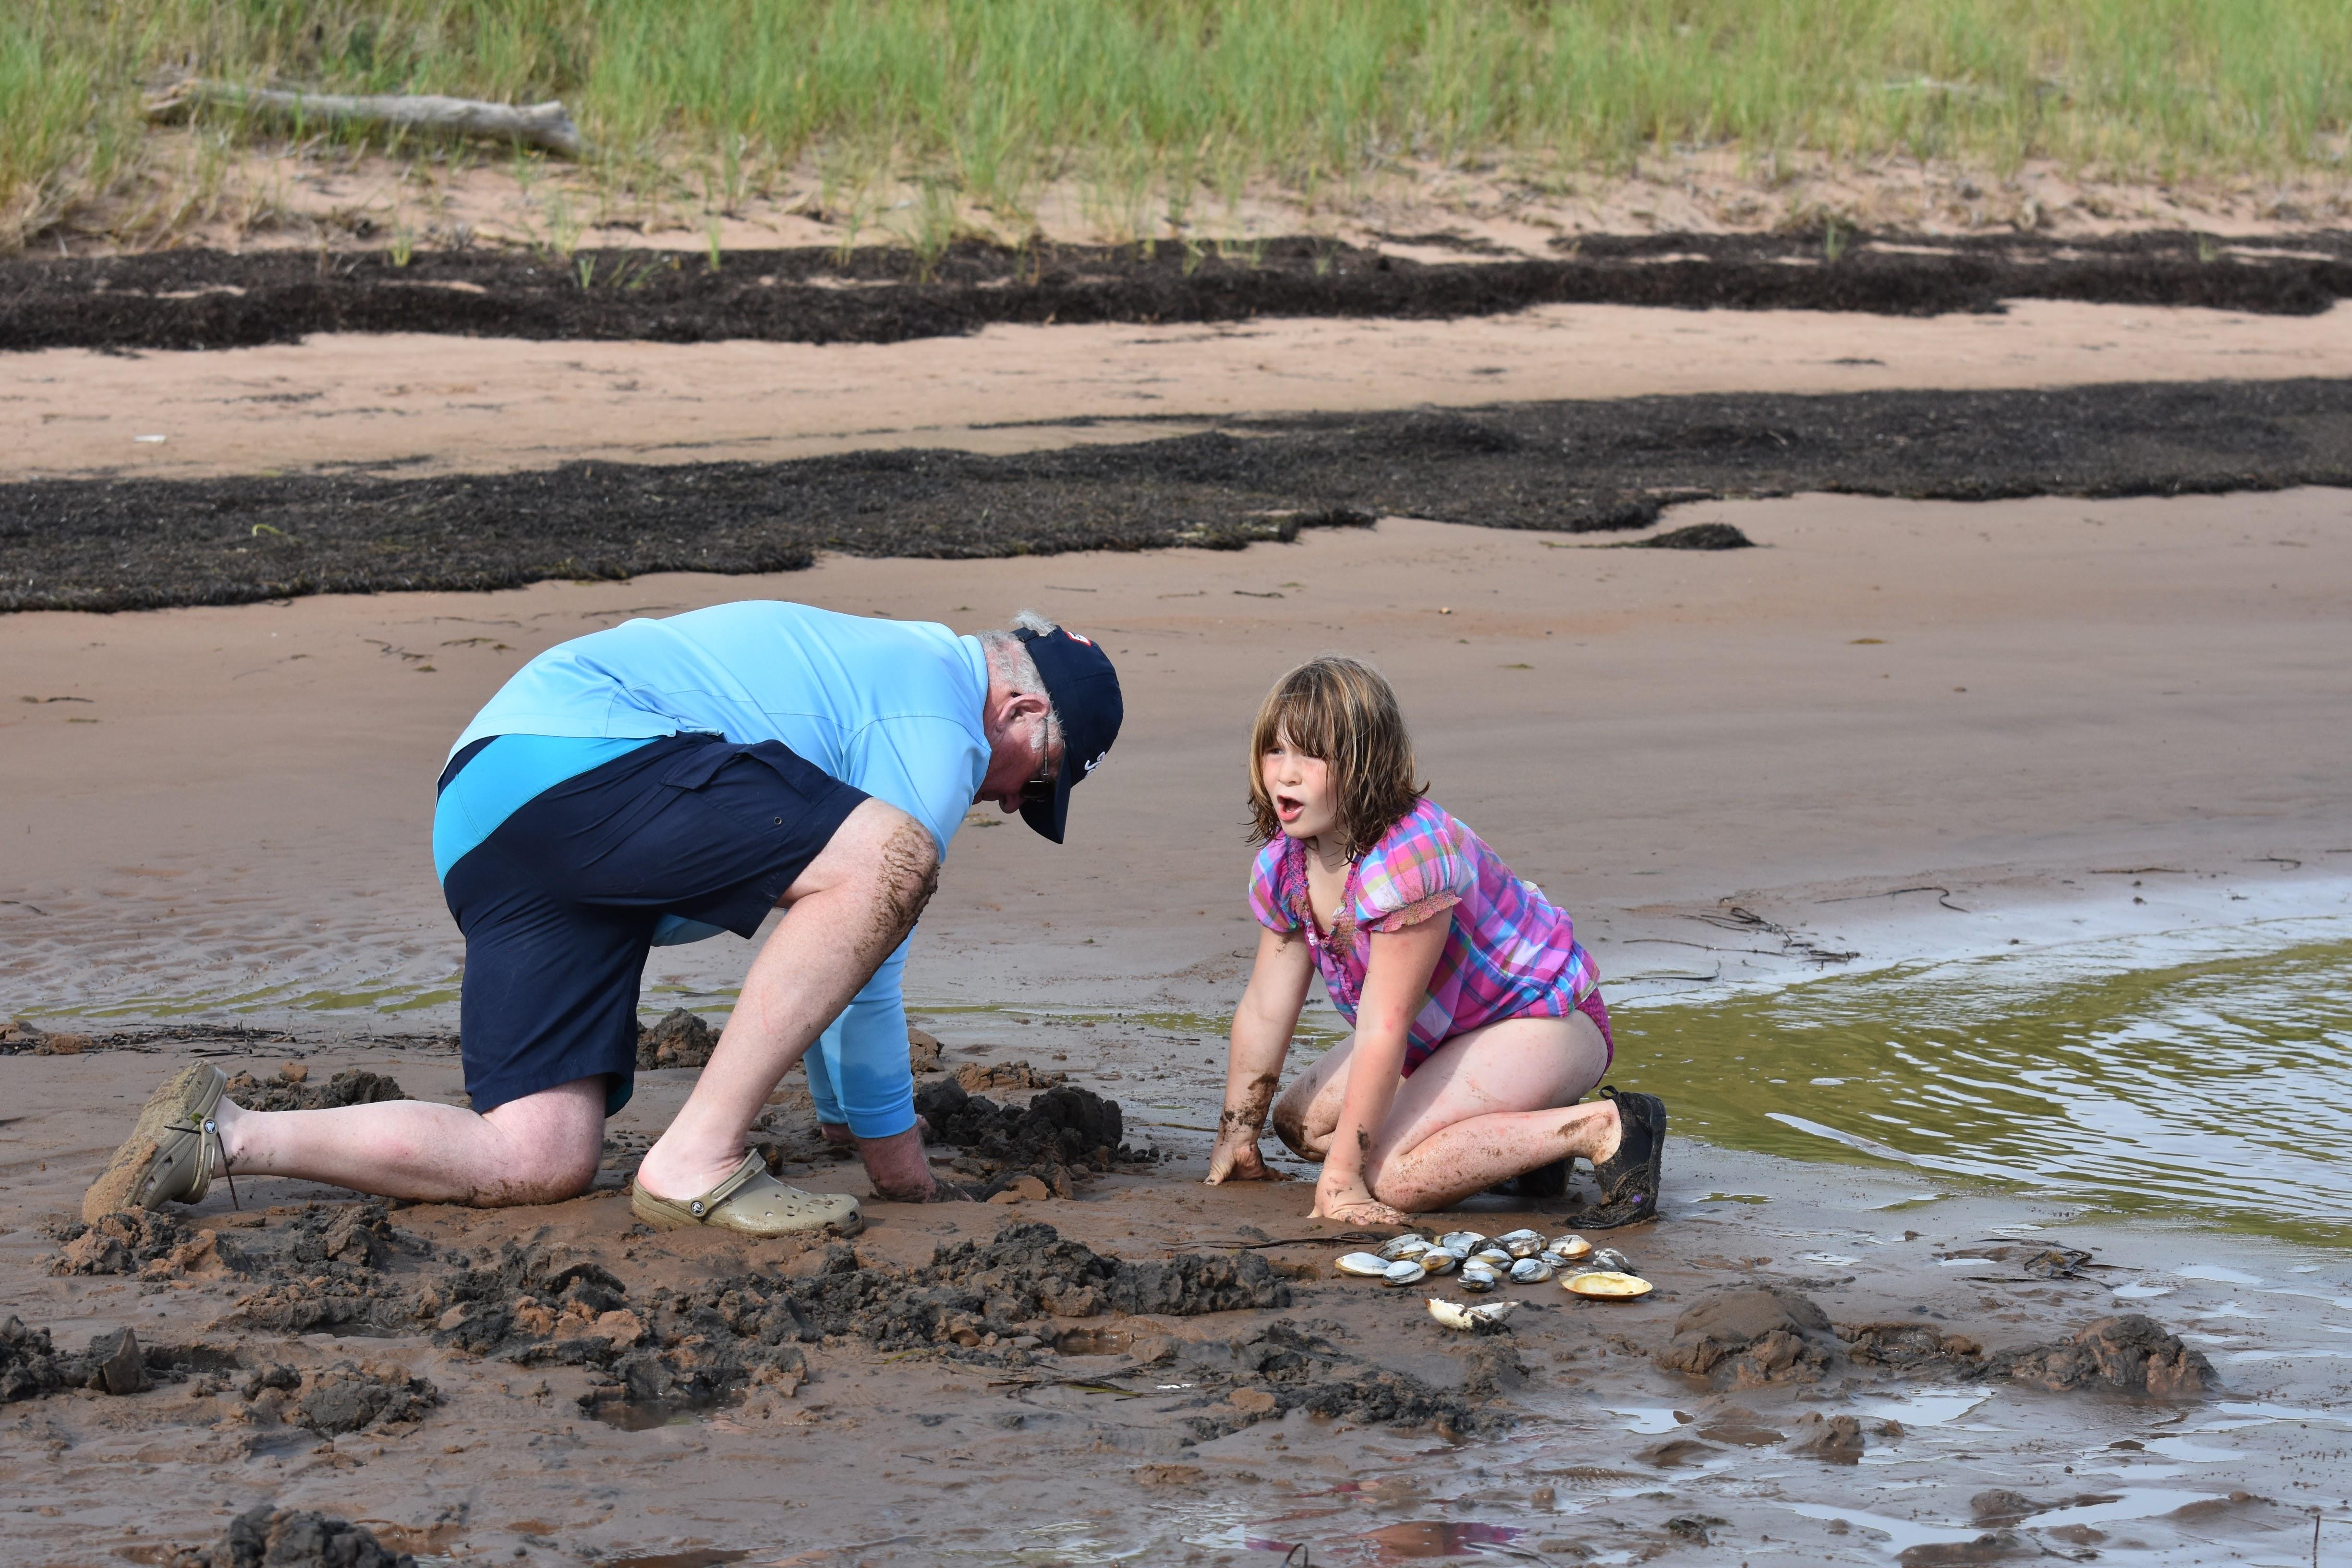 Clam digging